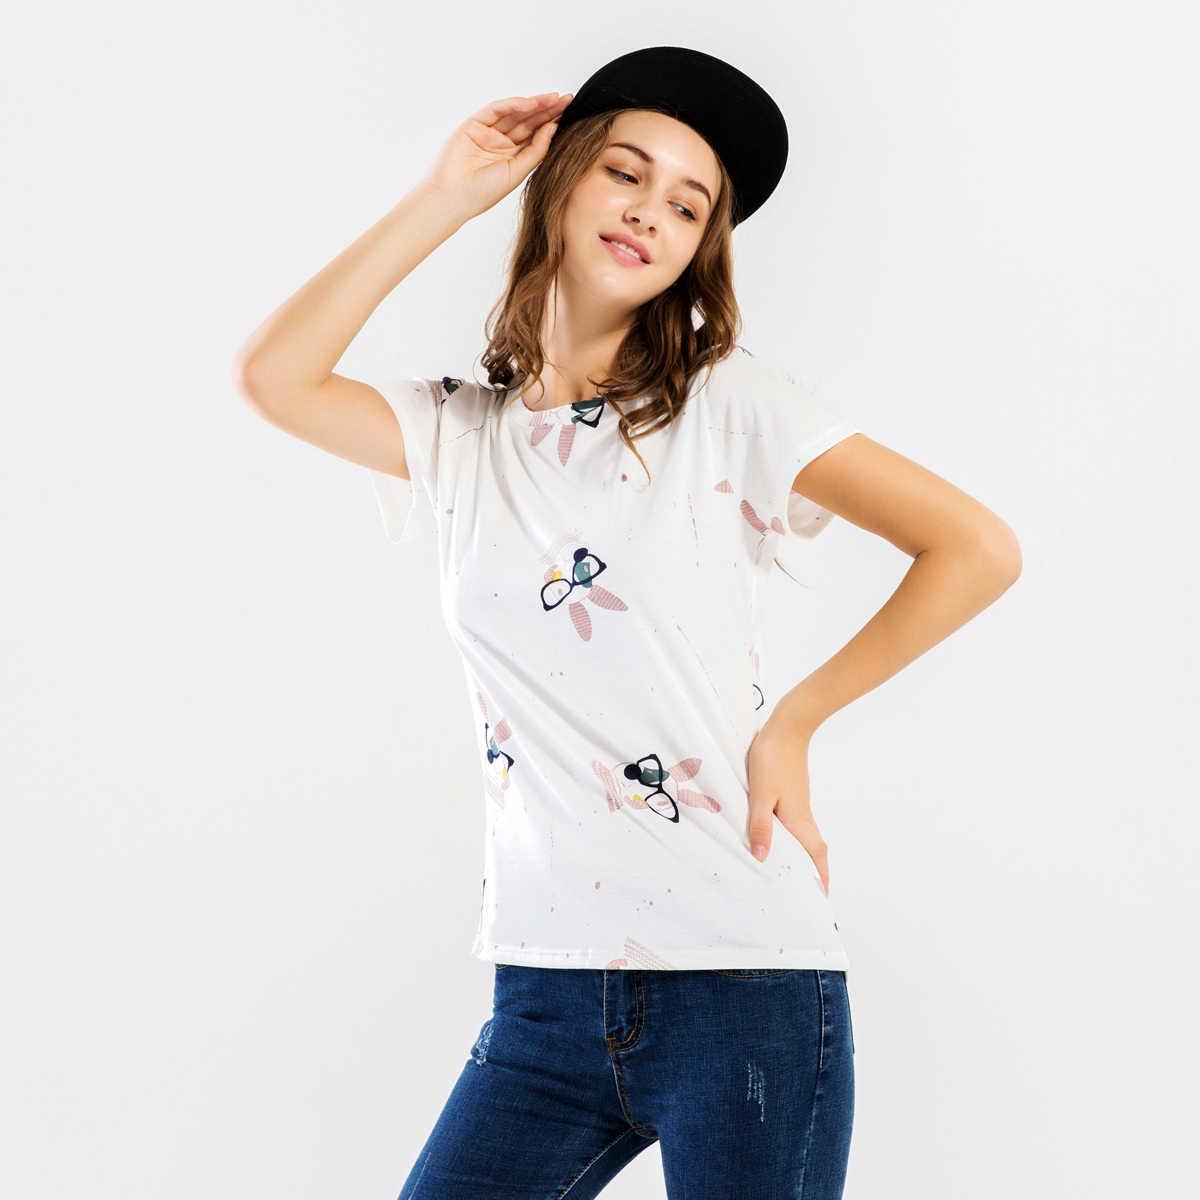 Kawaii/топ с 3D принтом, Женские повседневные футболки с короткими рукавами и круглым вырезом для леди, лето 2019, Лидер продаж, футболка, женская одежда